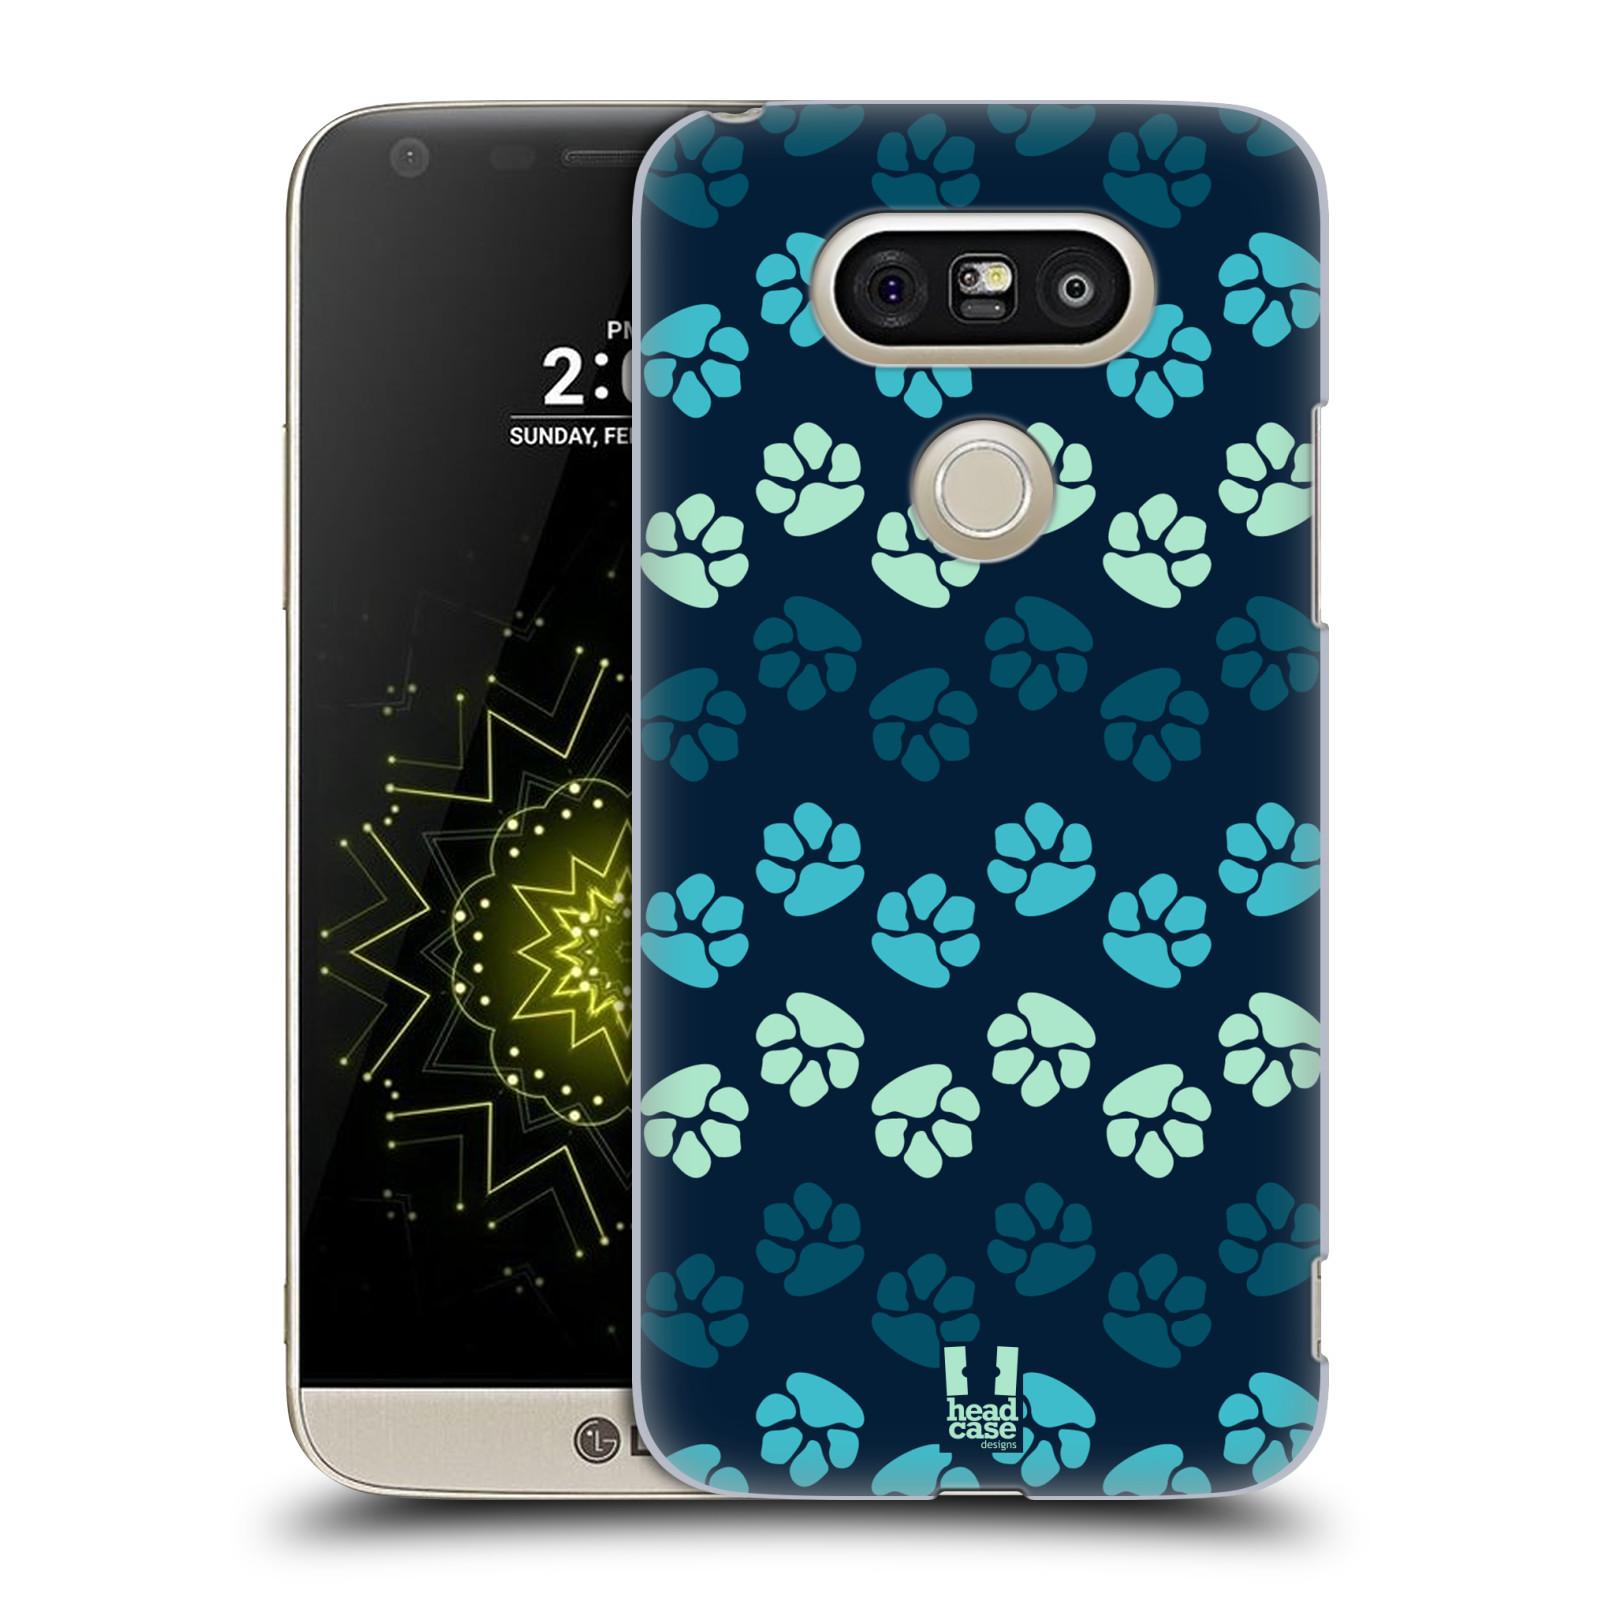 Plastové pouzdro na mobil LG G5 SE - Head Case - TLAPKY MODRÉ (Plastový kryt či obal na mobilní telefon LG G5 SE H840 s motivem TLAPKY MODRÉ)